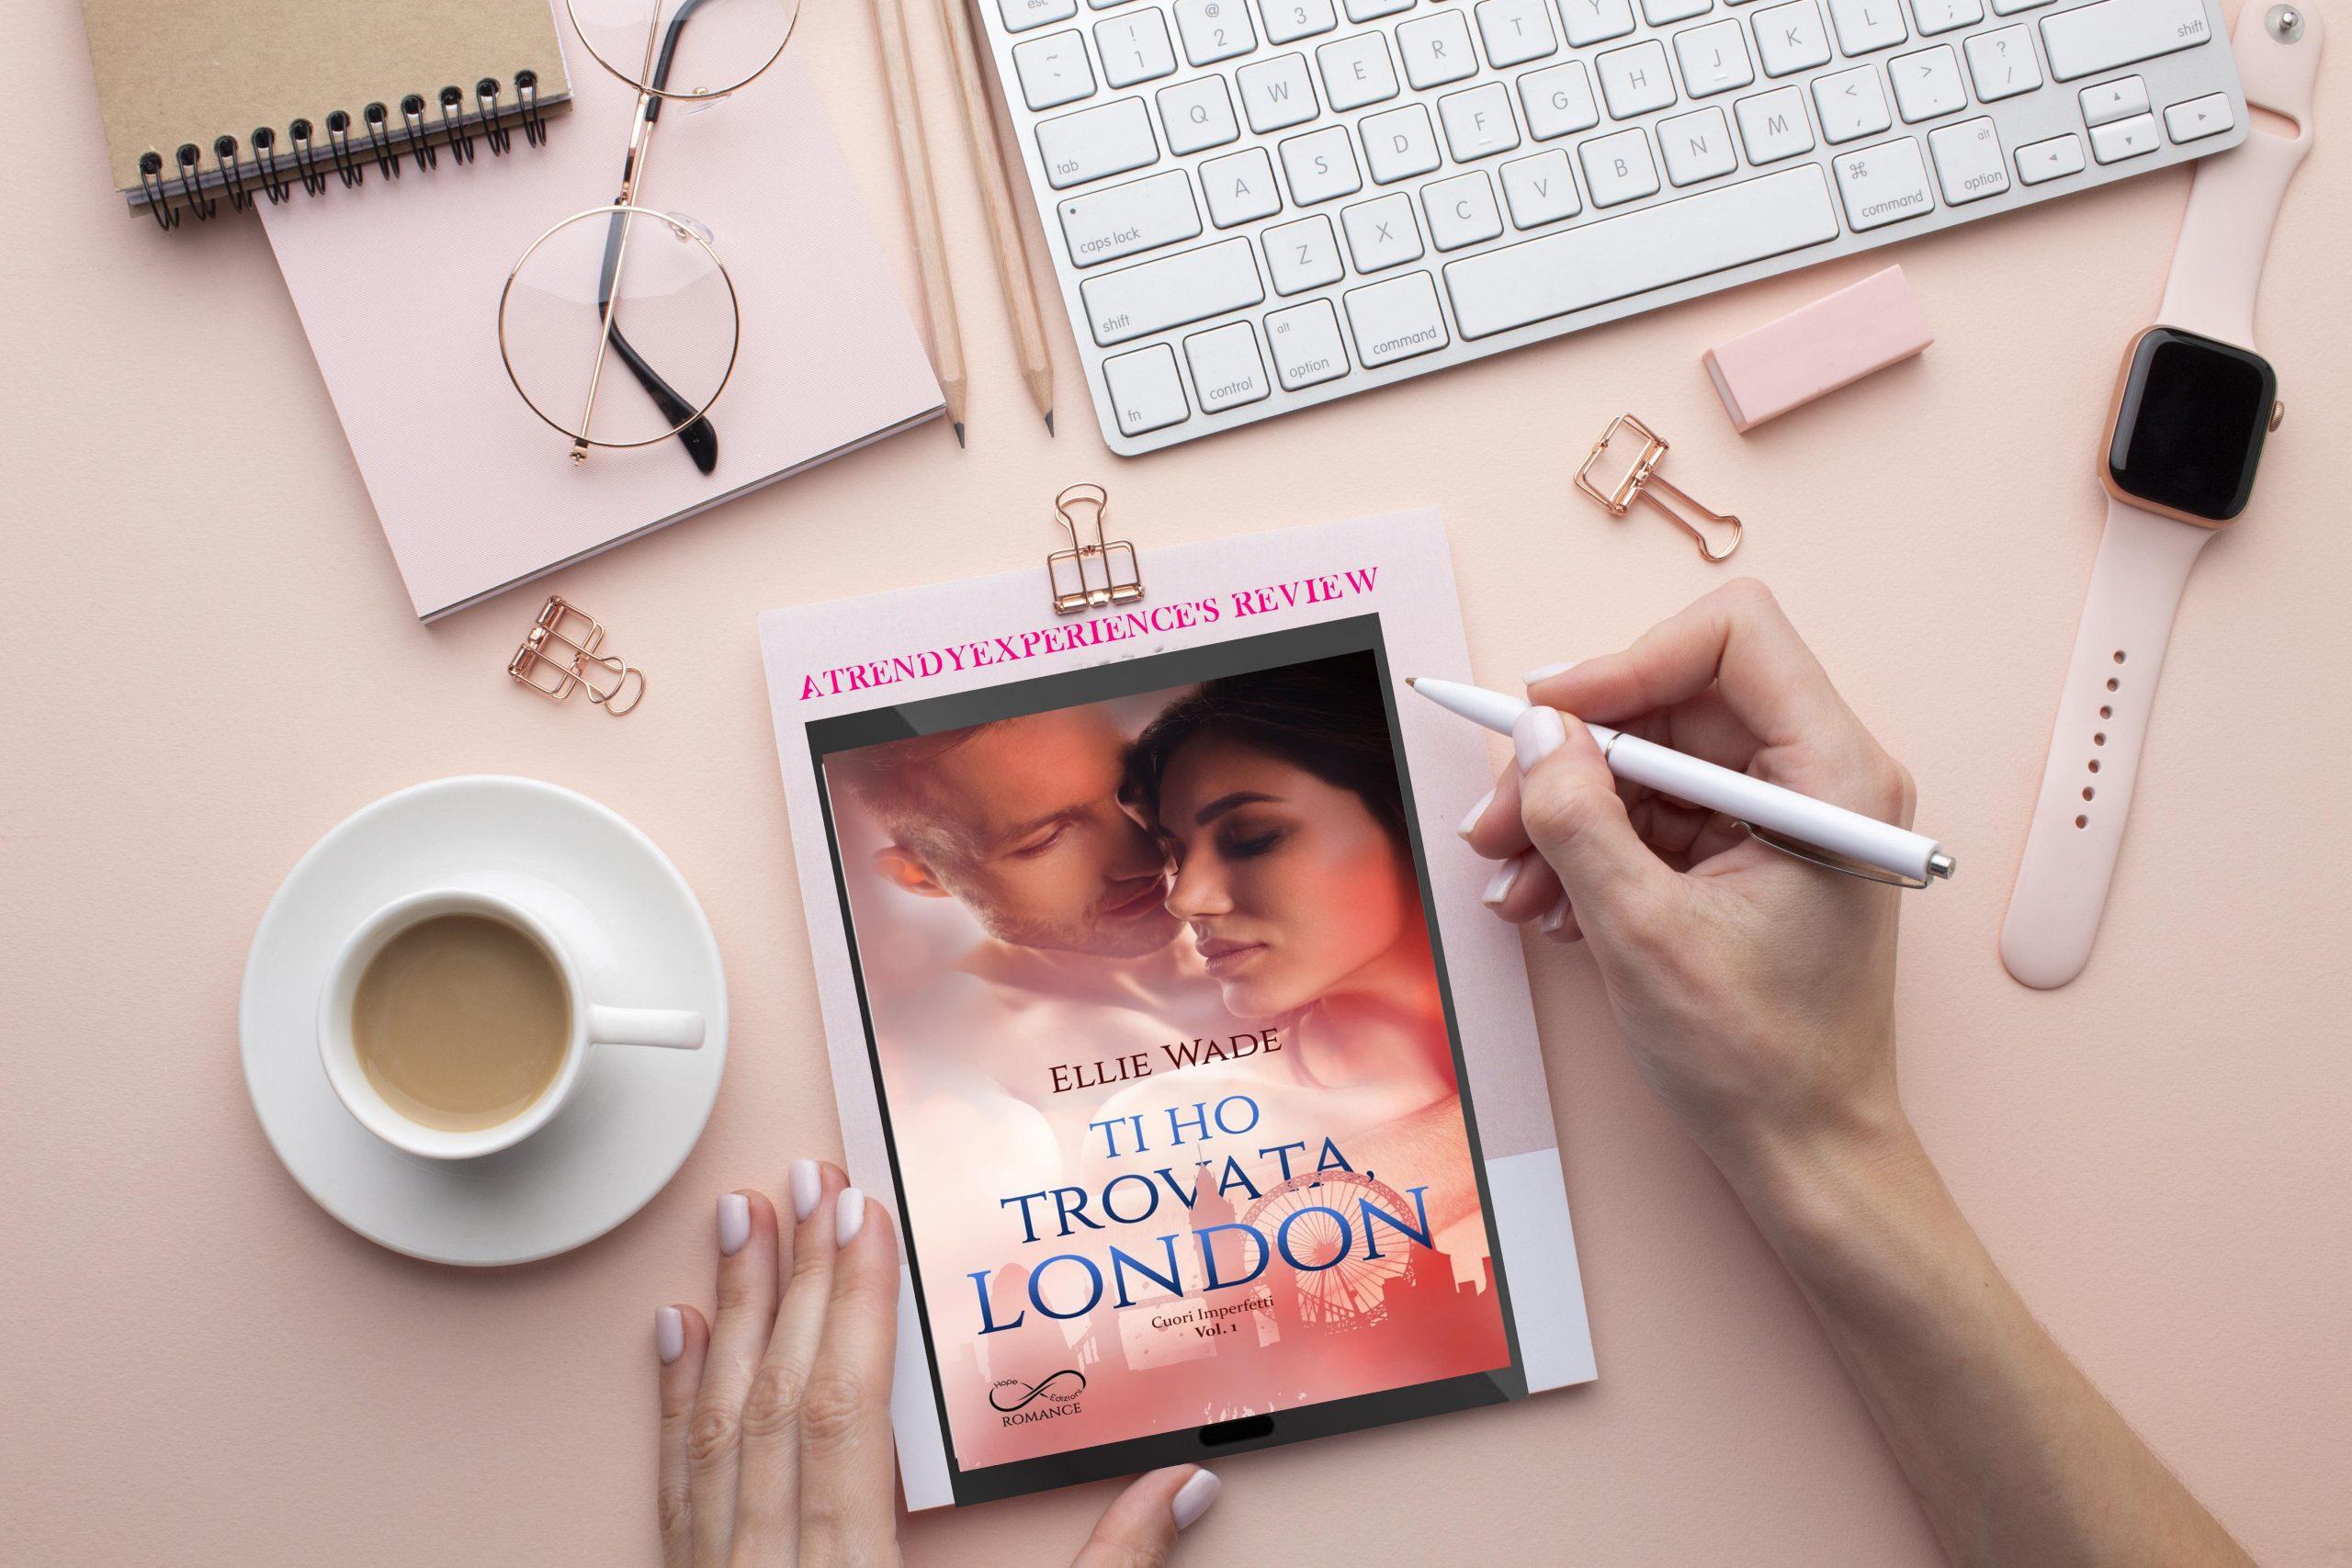 Ti ho trovata London di Ellie Wade recensione